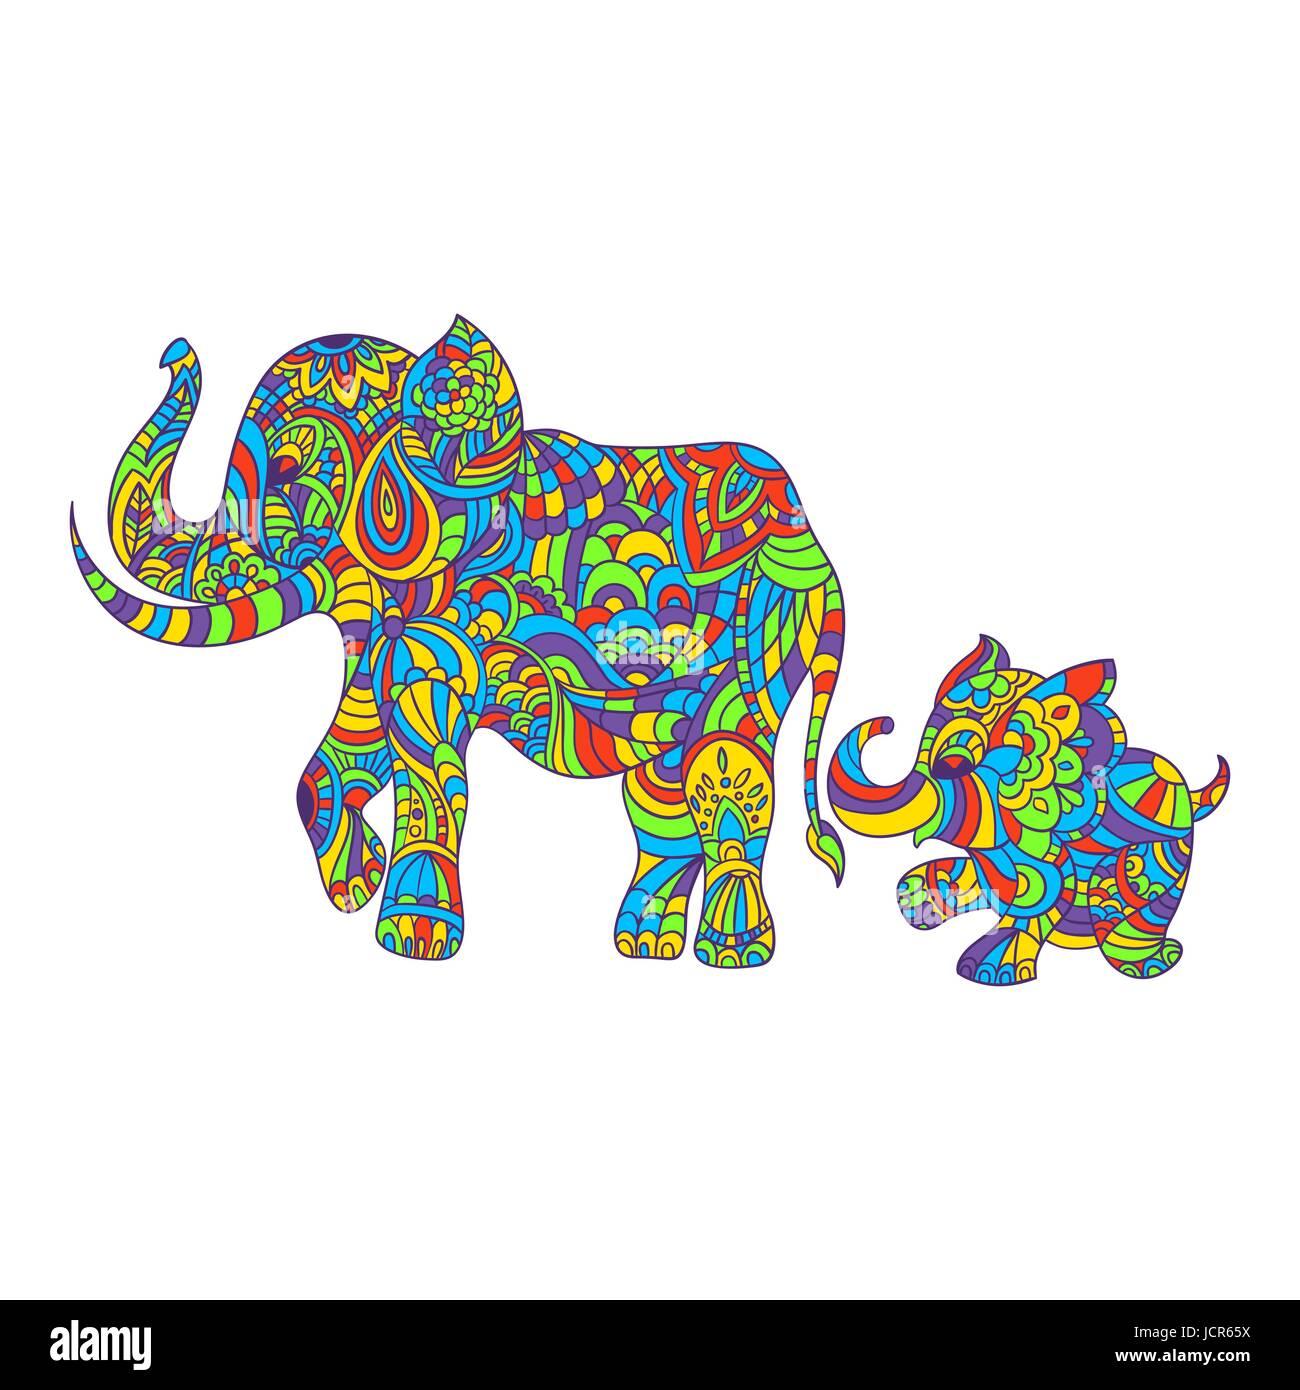 Vektor bunte handgezeichnete Zentagle Abbildung eines Elefanten und ...